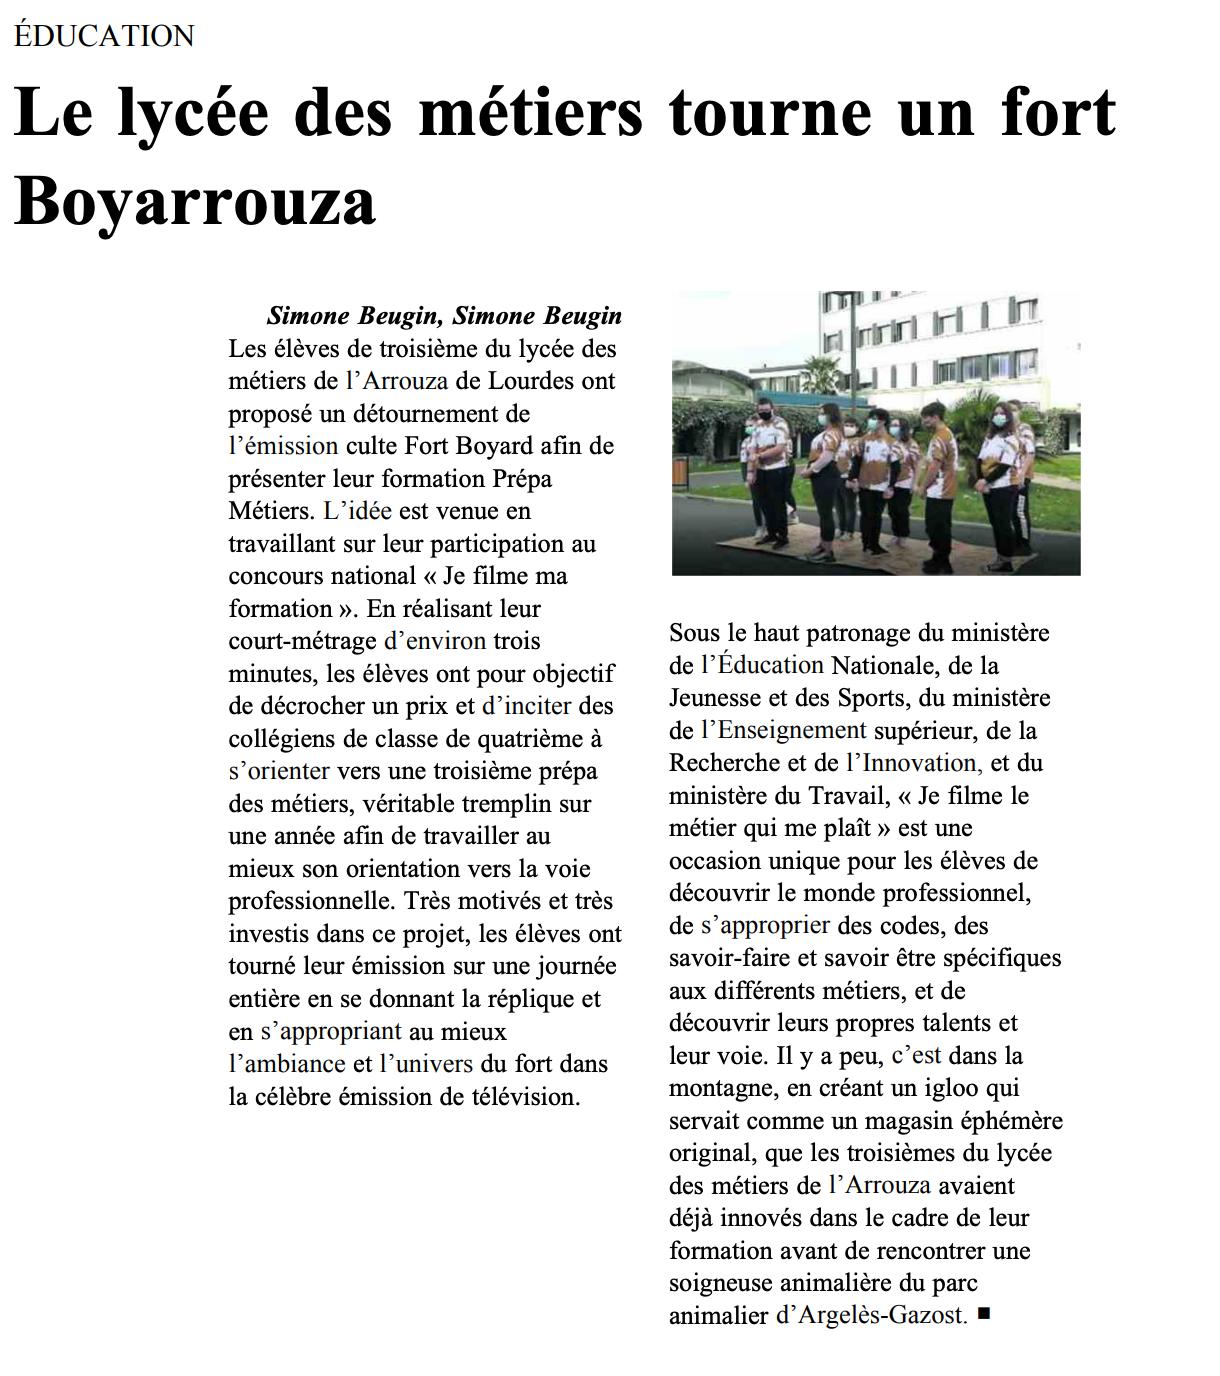 Le lycée des métiers tourne un fort Boyarrouza